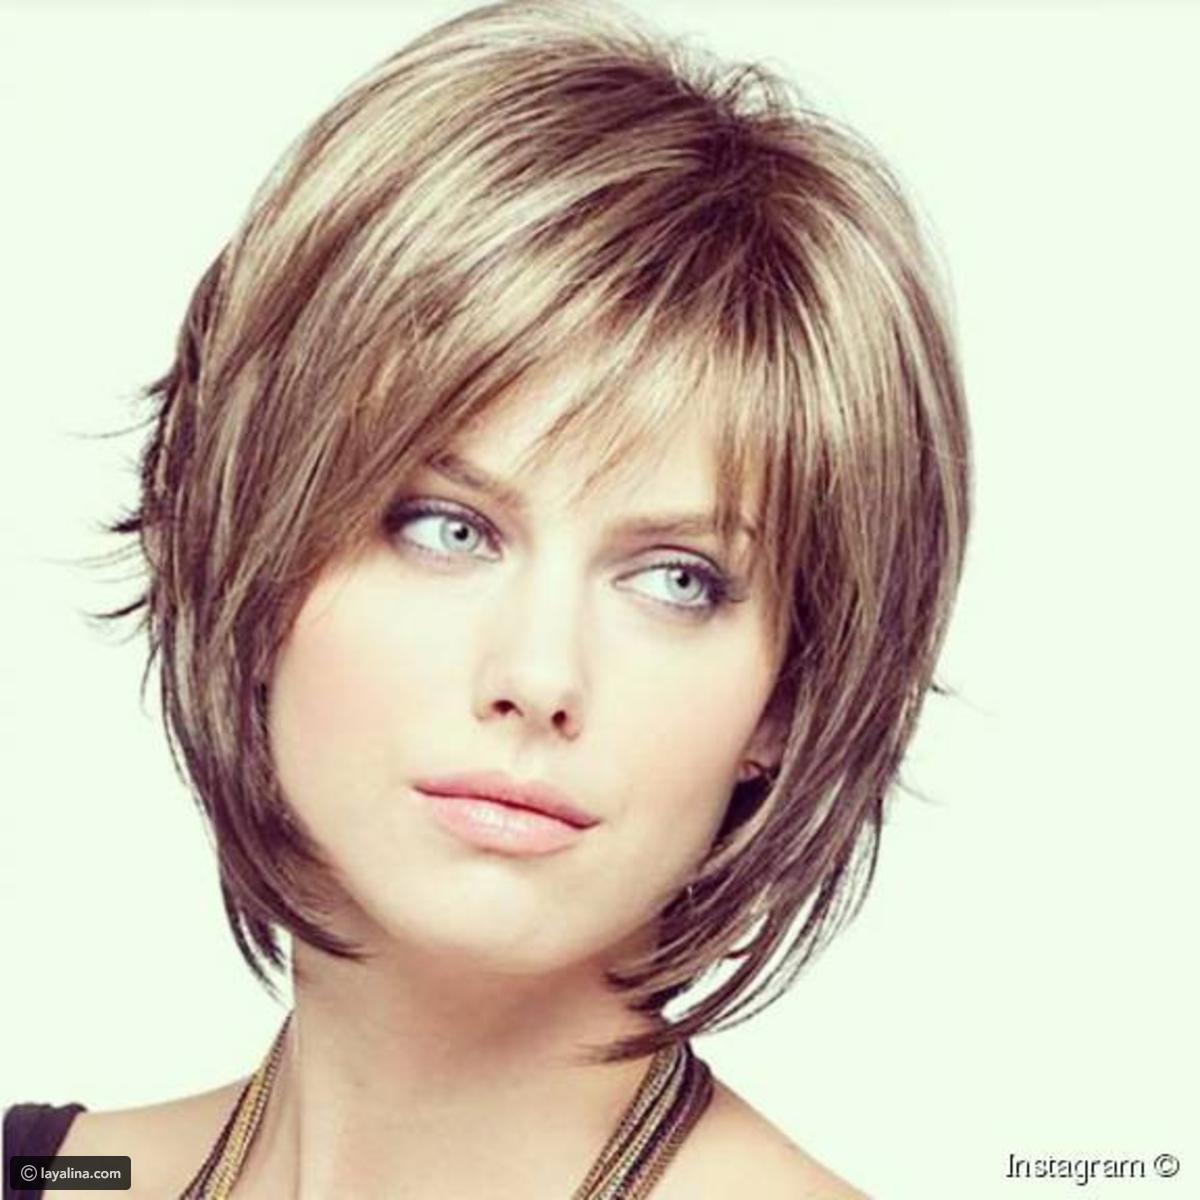 صورة احدث قصات الشعر للشعر القصير , تالقي باجمل قصة رائعة اذا كان شعرك قصير